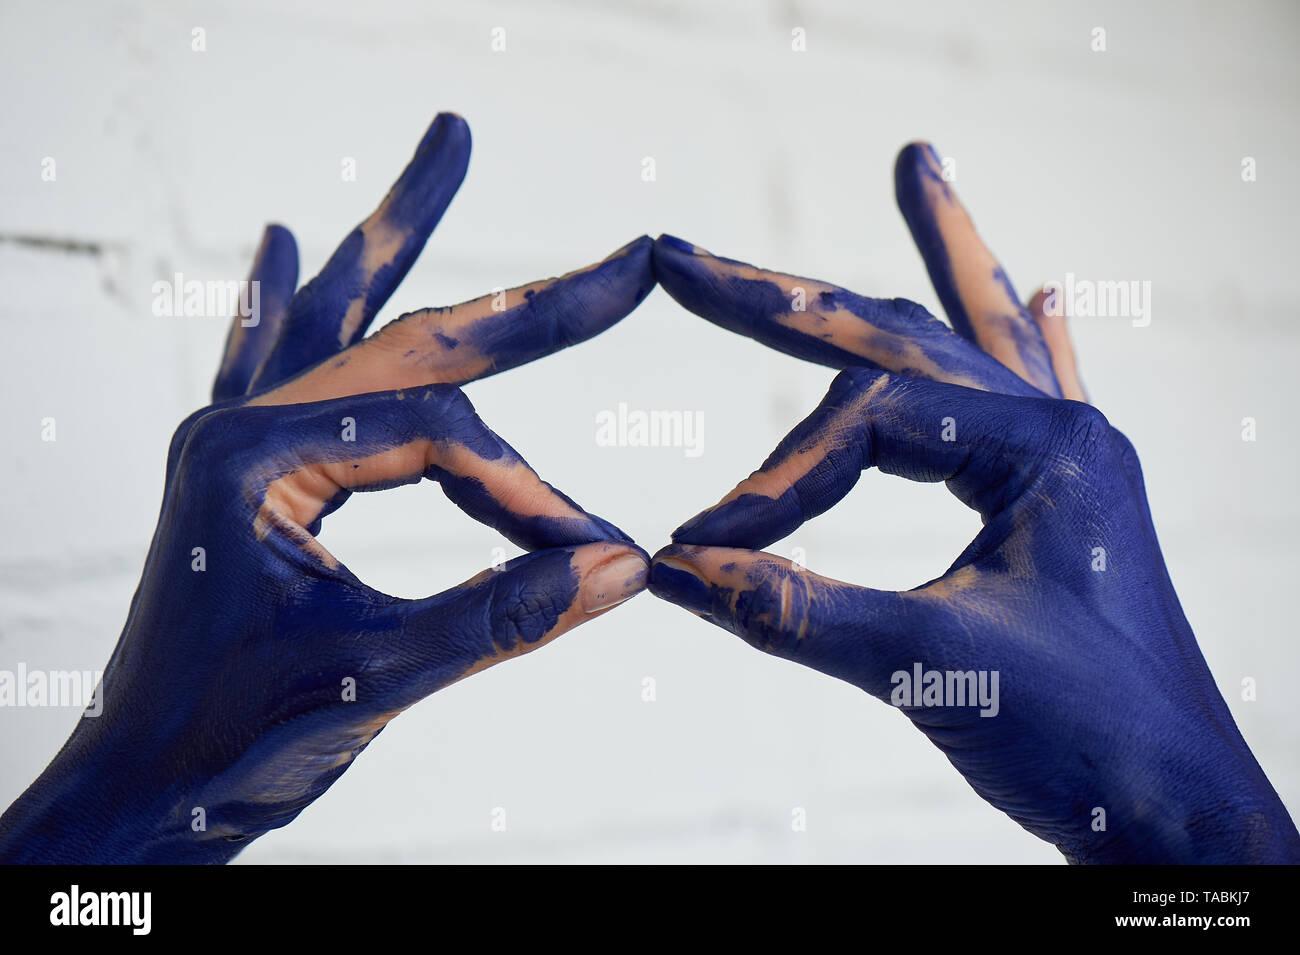 Hände in der blauen Farbe, die Hände der Künstler und kreative Person. Yoga für die Hände. Stockbild